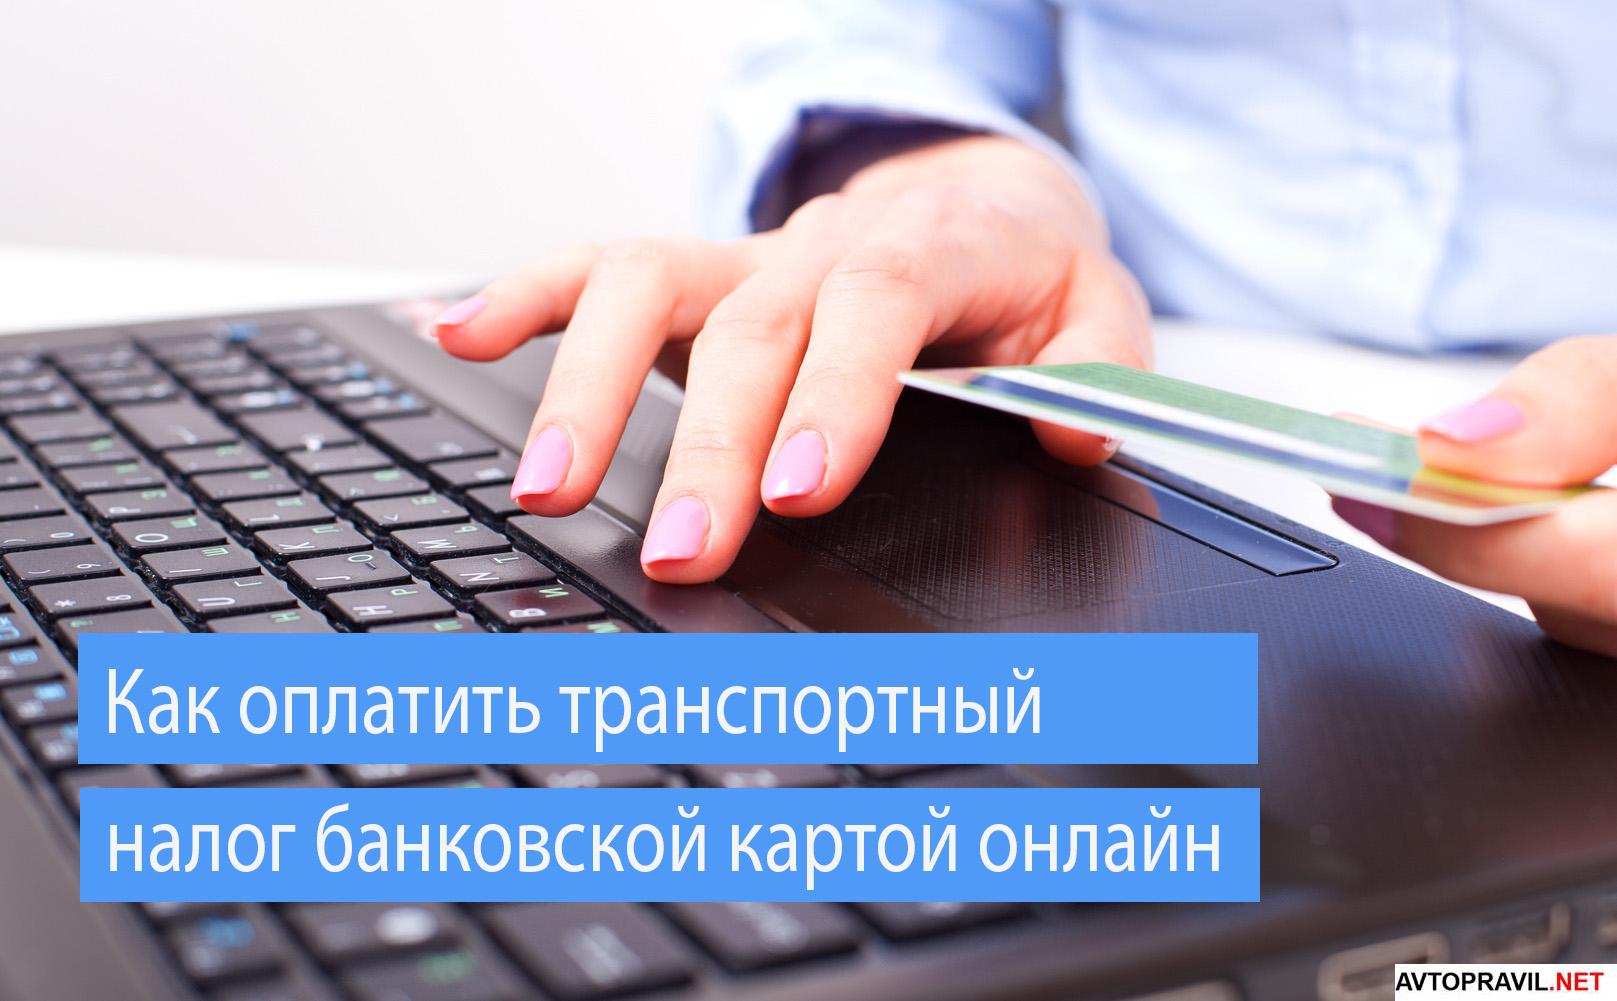 банковская карта в руках и клавиатура ноутбука